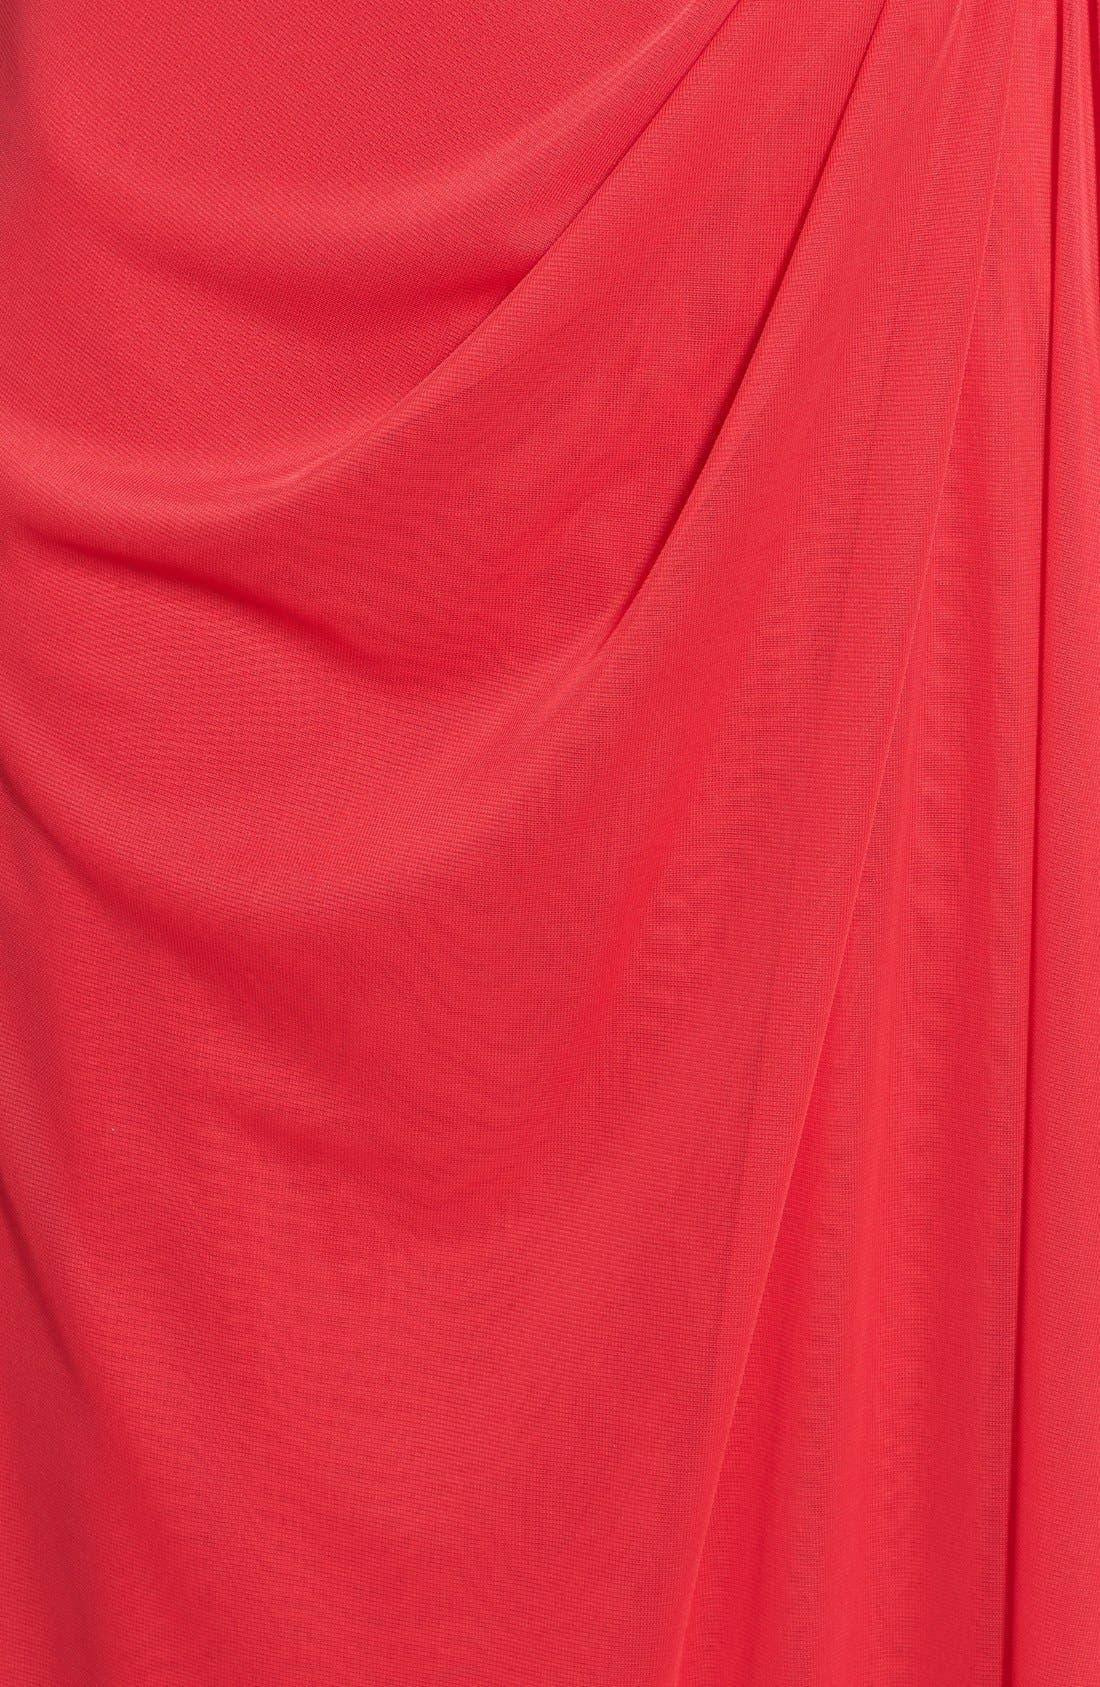 Alternate Image 3  - Xscape Embellished One-Shoulder Gown